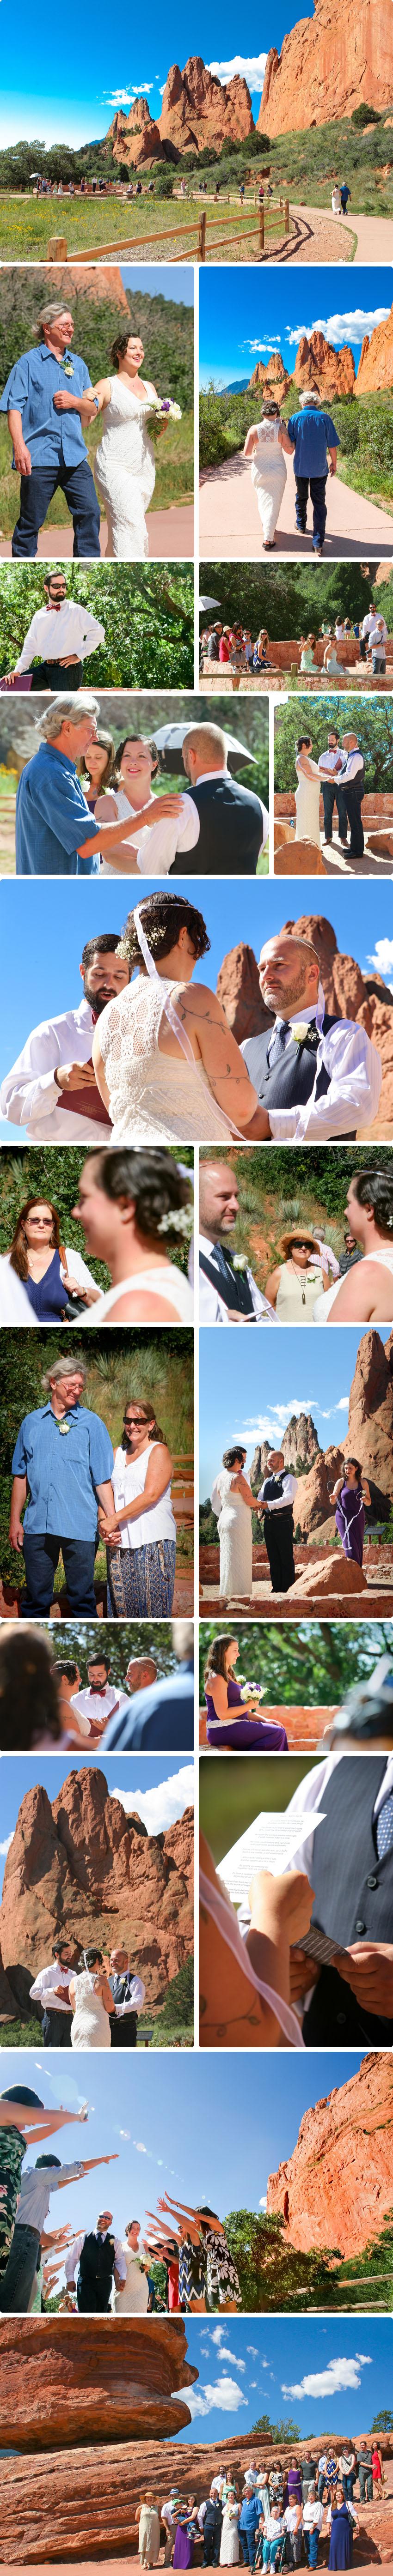 07_Wedding in Garden of the Gods